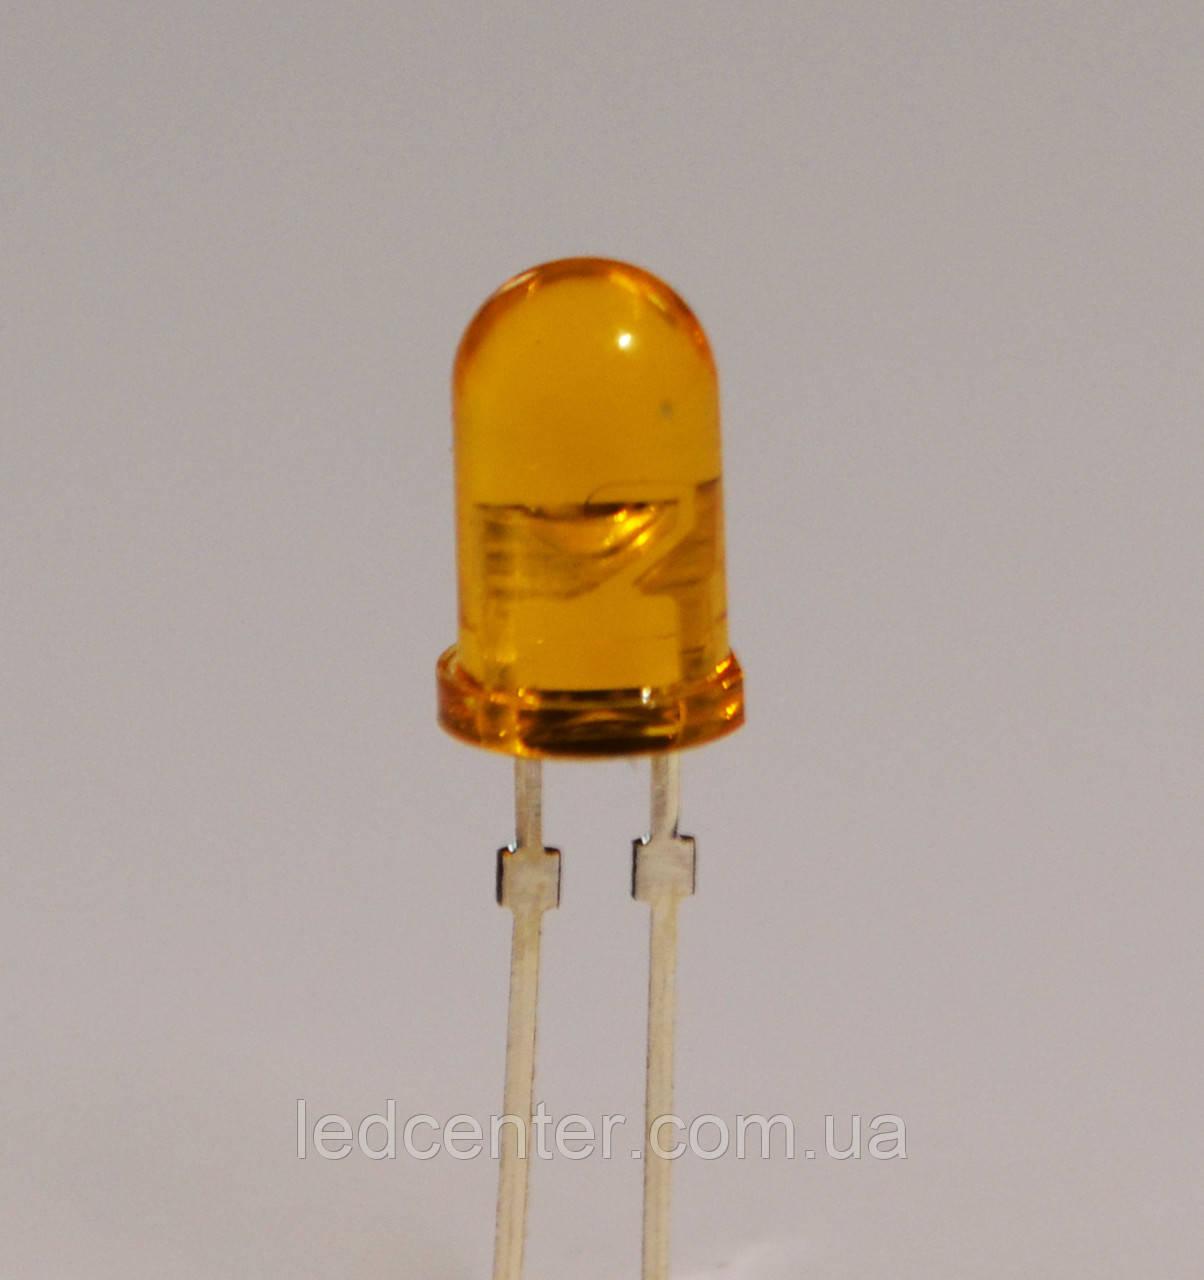 Выводной светодиод 5мм (оранжевый)